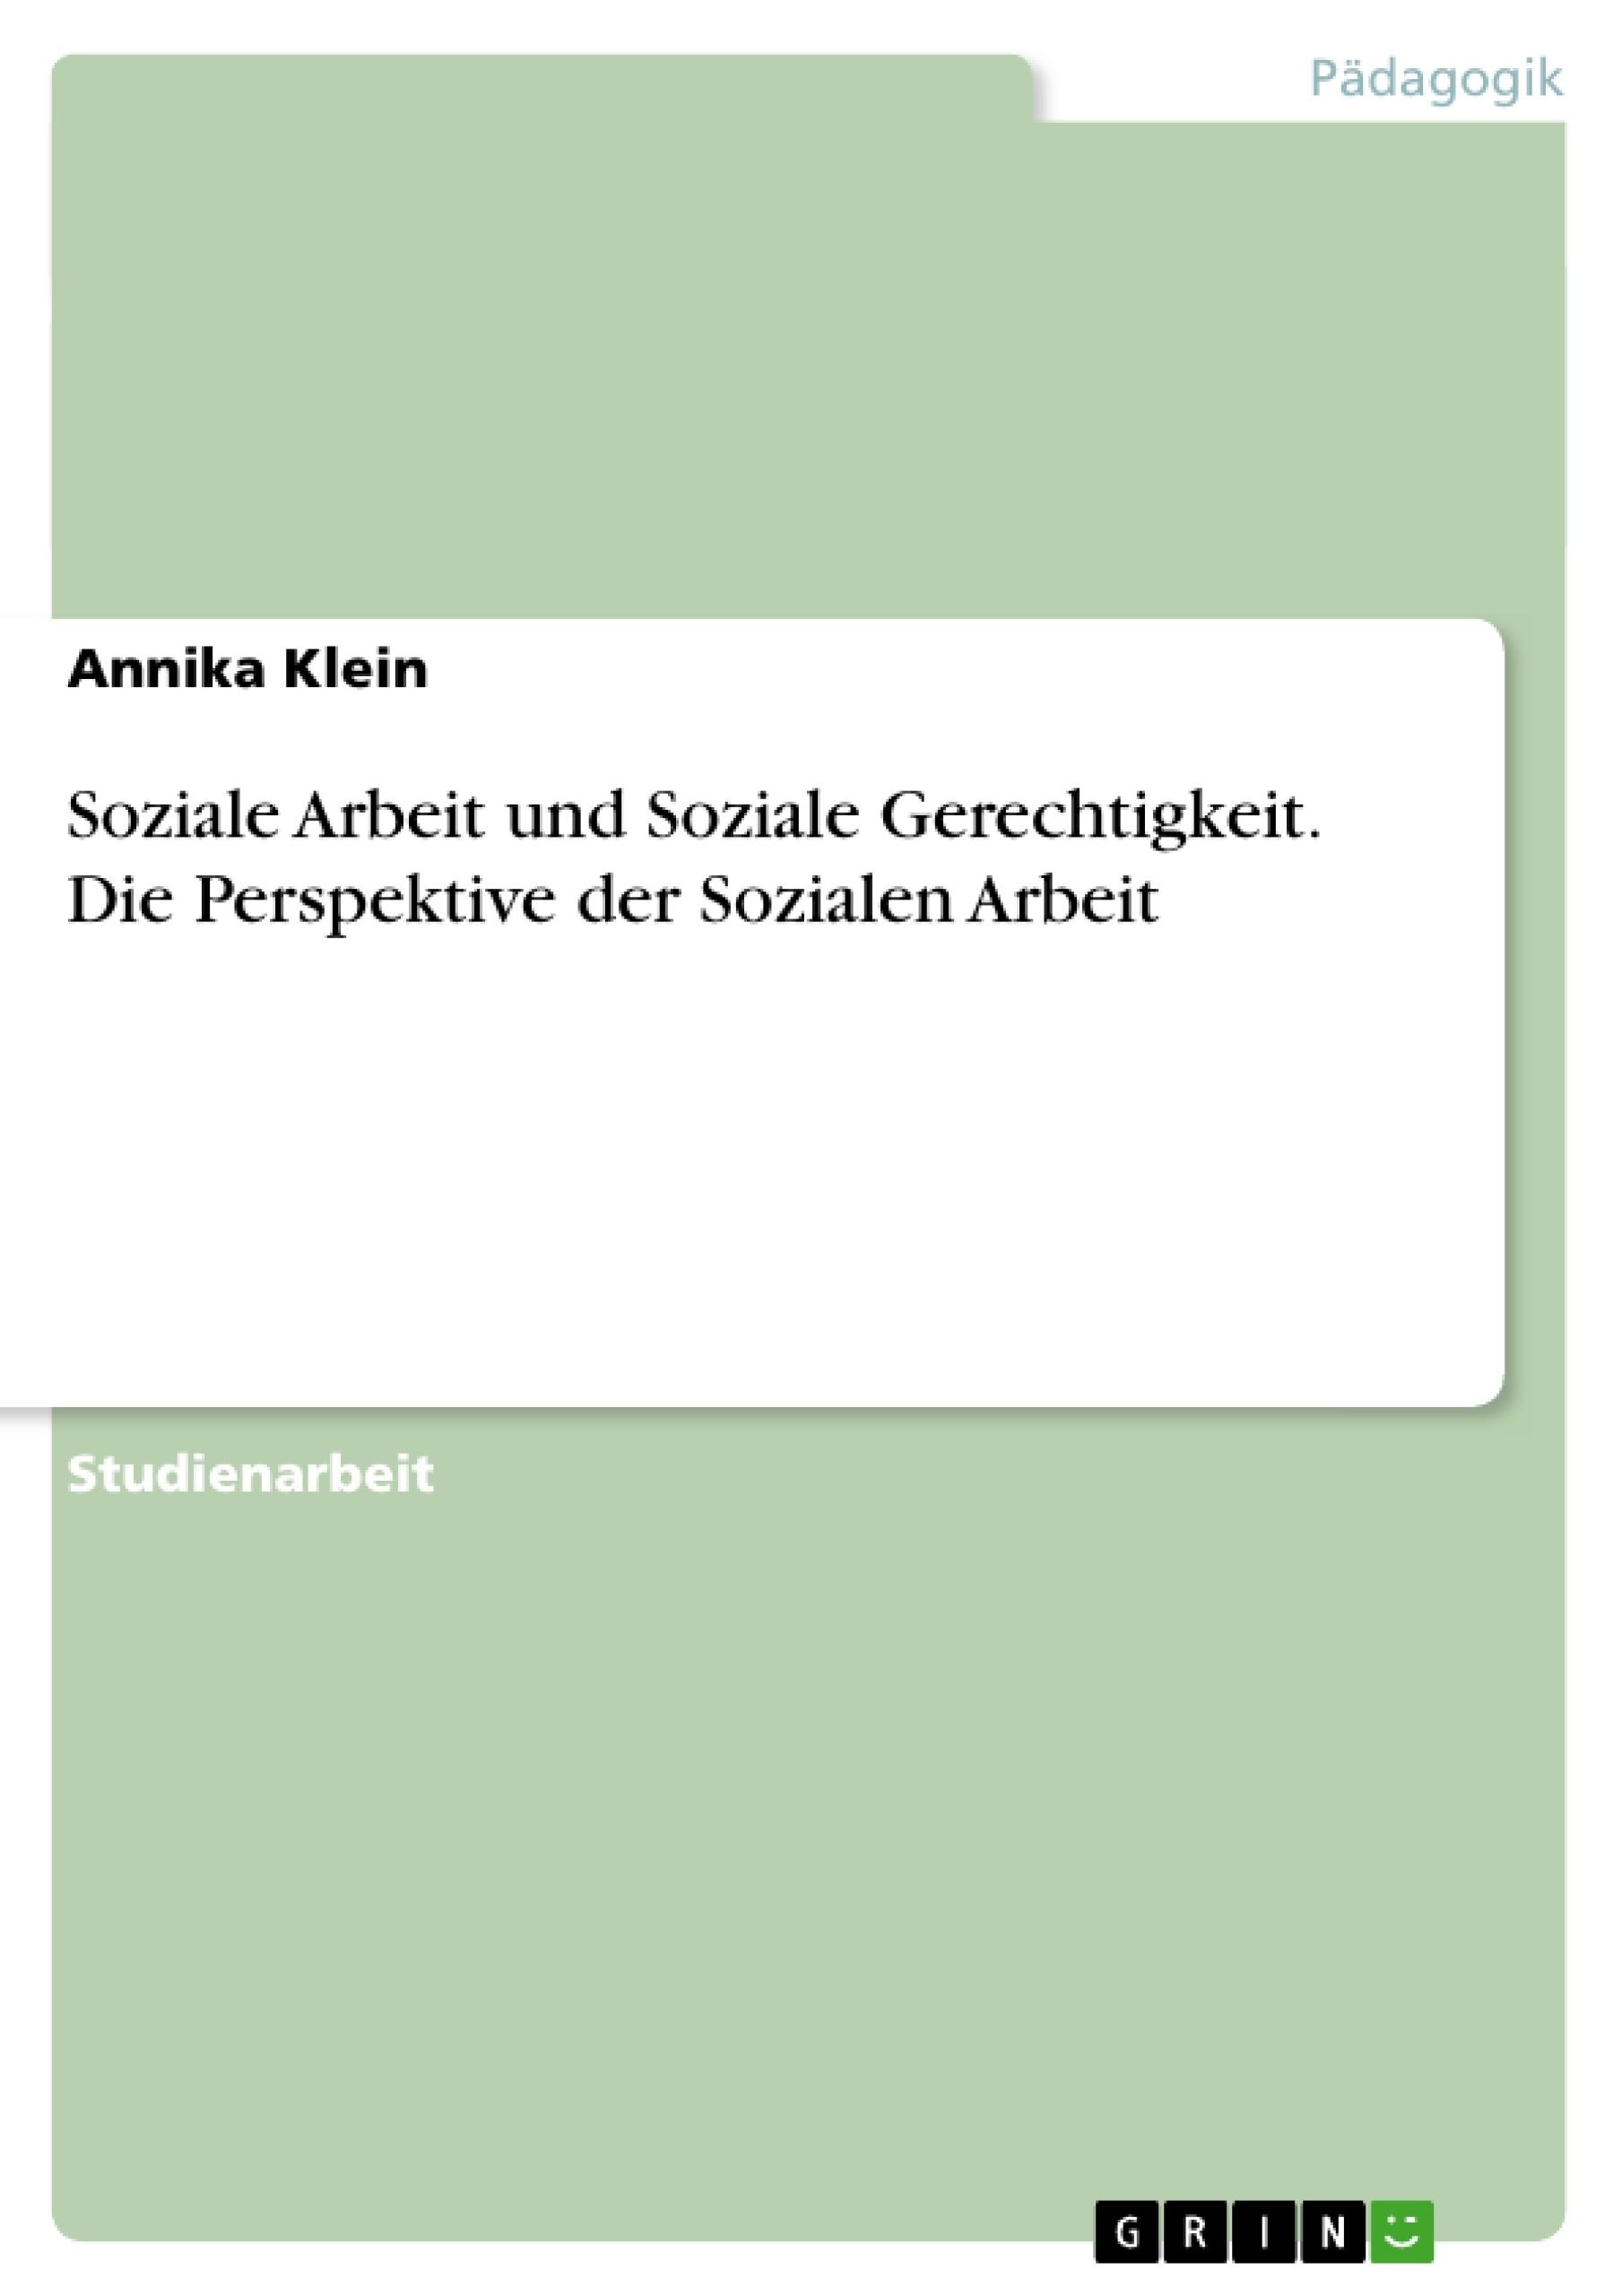 Titel: Soziale Arbeit und Soziale Gerechtigkeit. Die Perspektive der Sozialen Arbeit